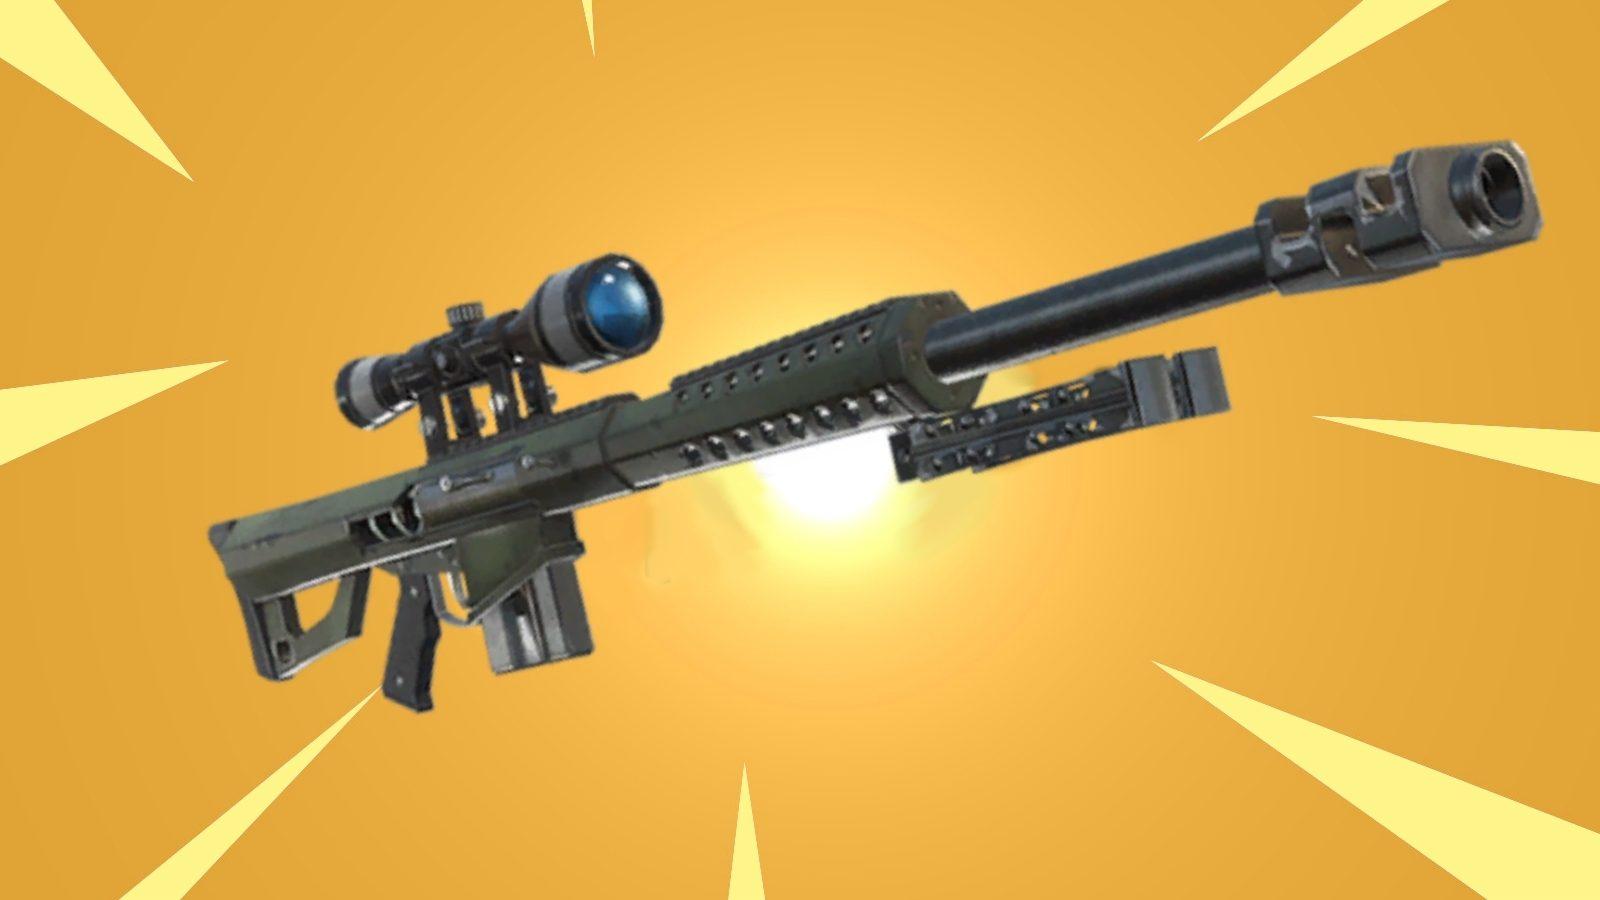 Fortnite: Update 5.21 bringt schwere Sniper, Bugfixes und neuen Modus